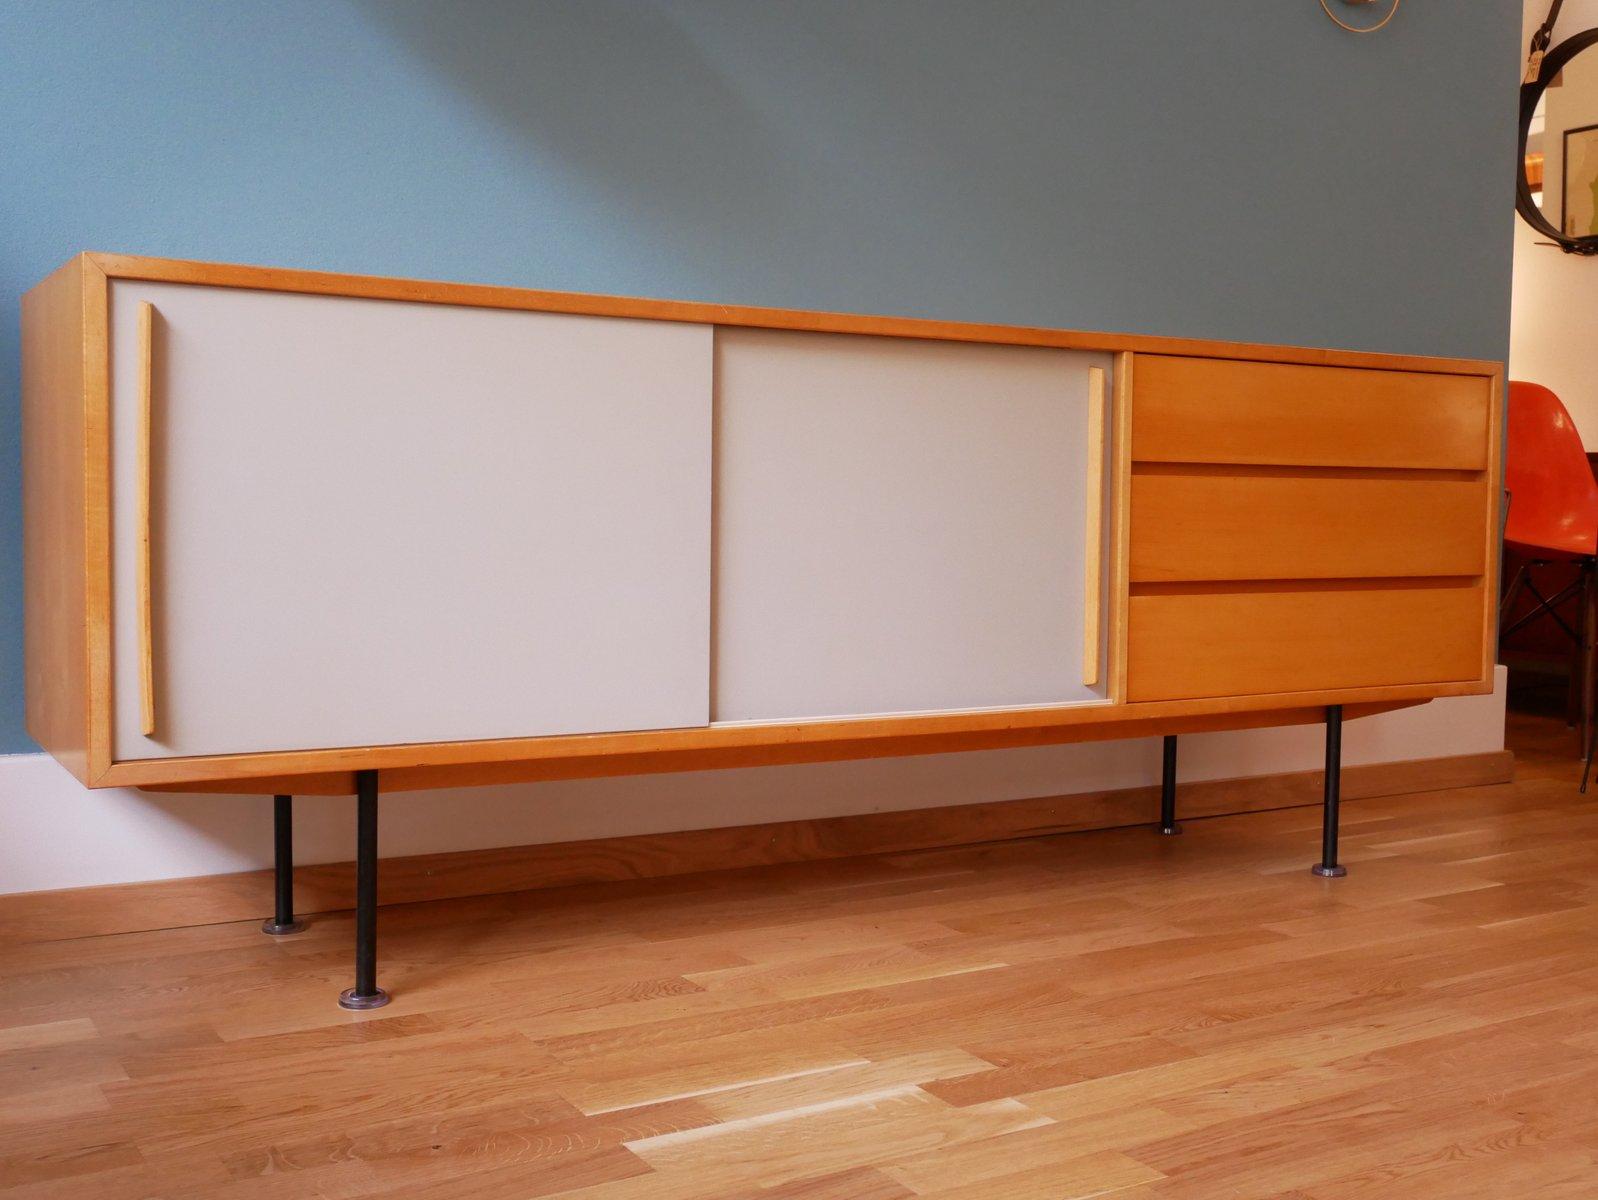 schweizer vintage ahorn sideboard von kurt thut f r thut m bel bei pamono kaufen. Black Bedroom Furniture Sets. Home Design Ideas